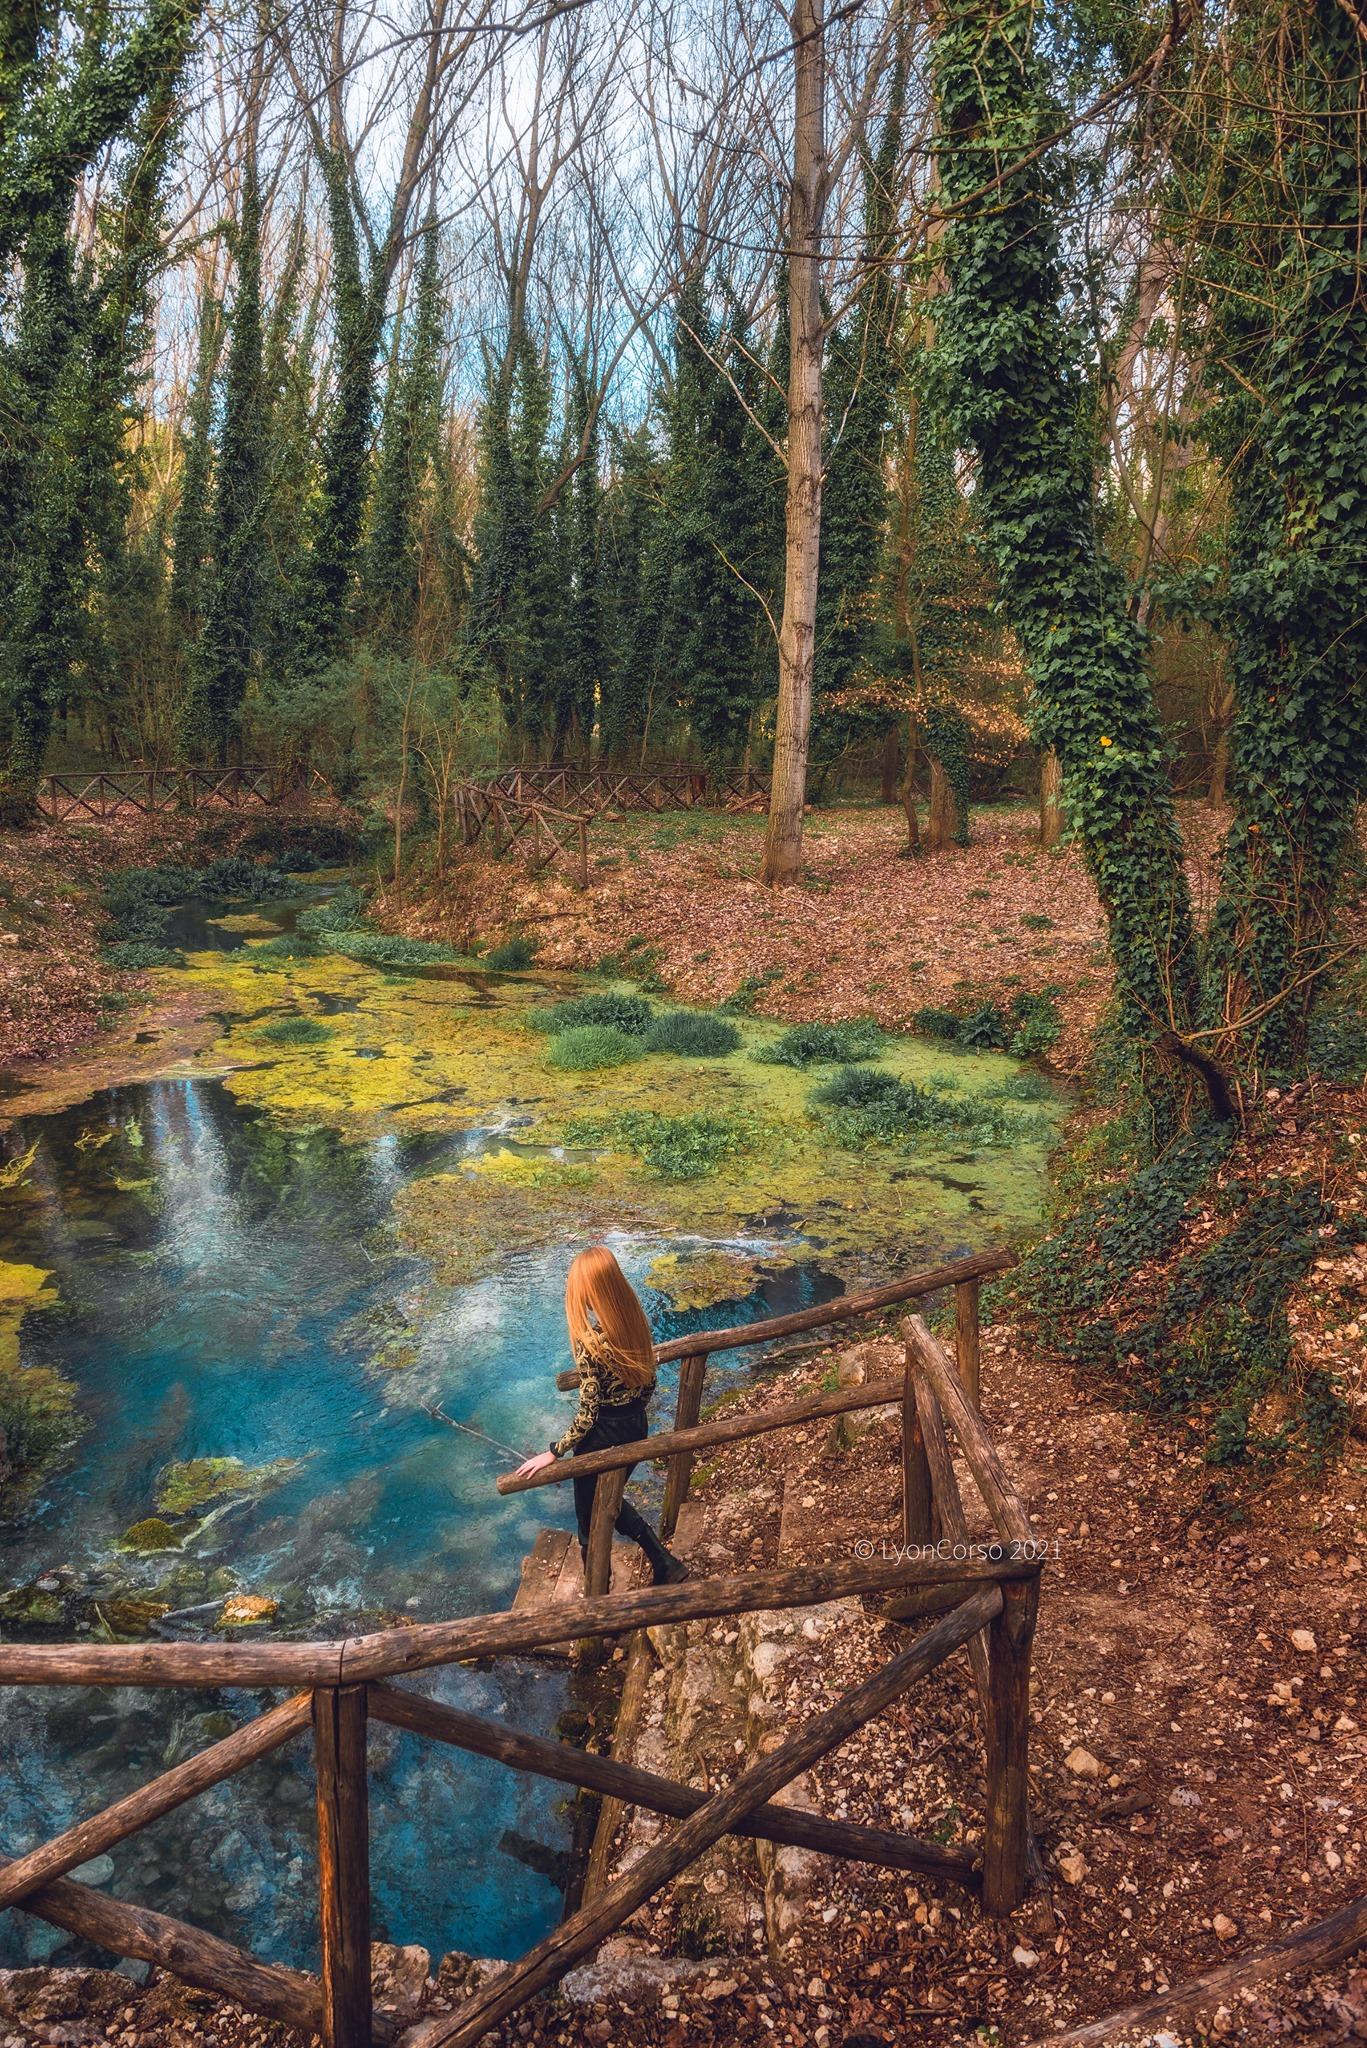 Le acque turchesi delle sorgenti sulfuree a Raiano, come nel Paese delle Meraviglie